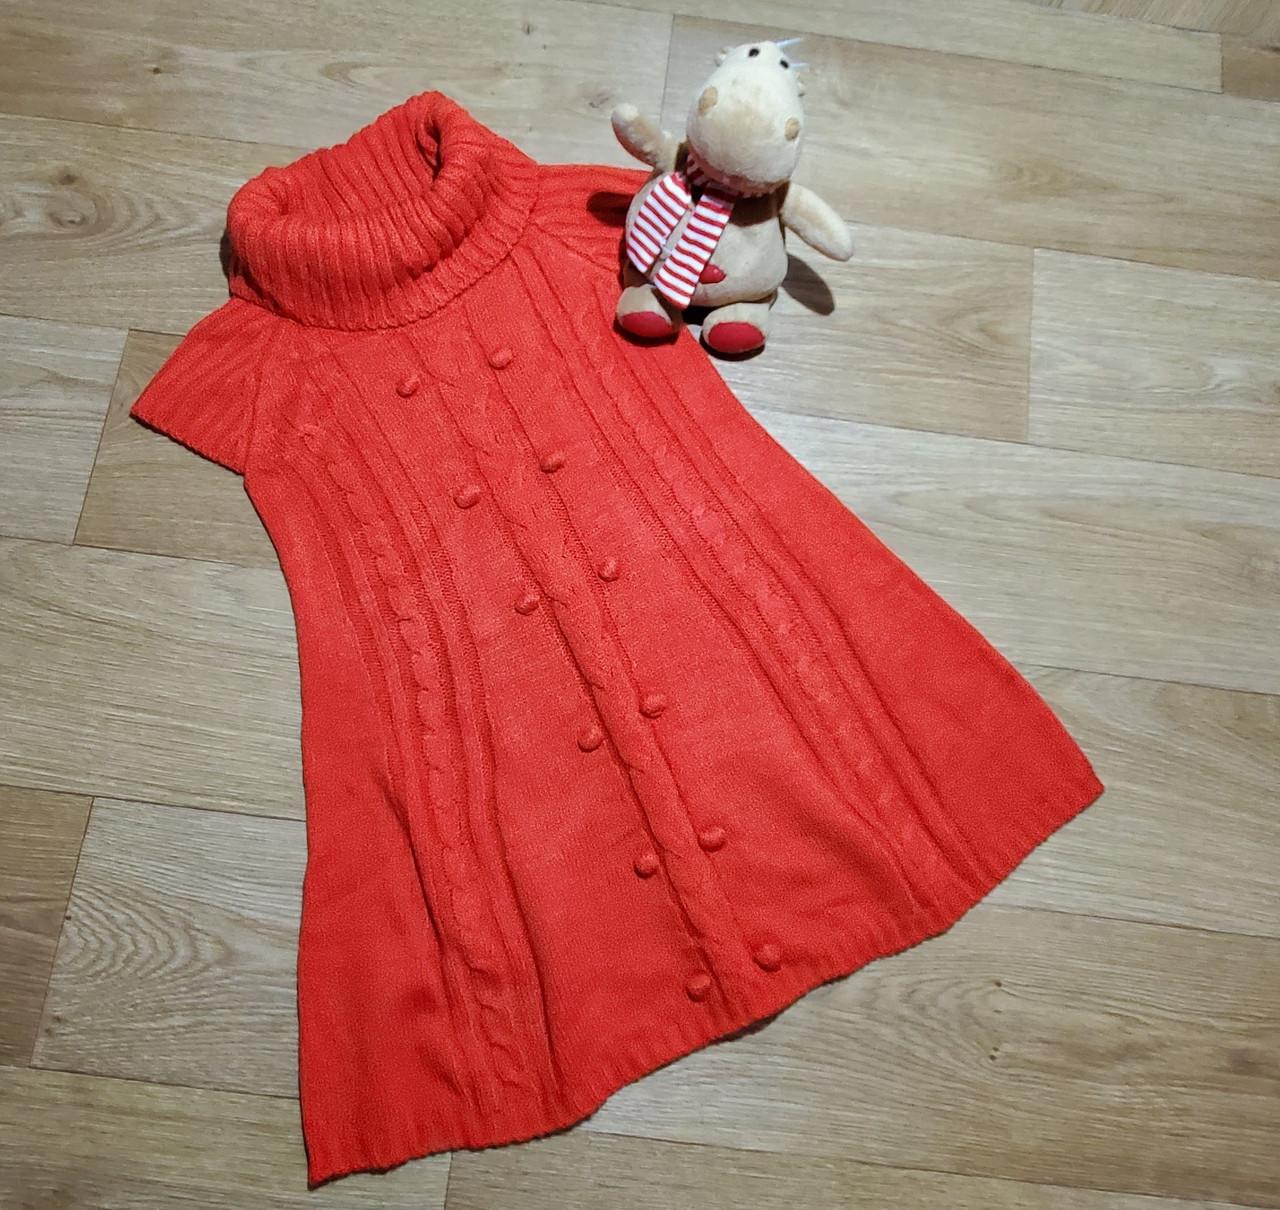 Стильное красное вязаное платье на девочку Crazy8 (США) (Размер 7-8Т)